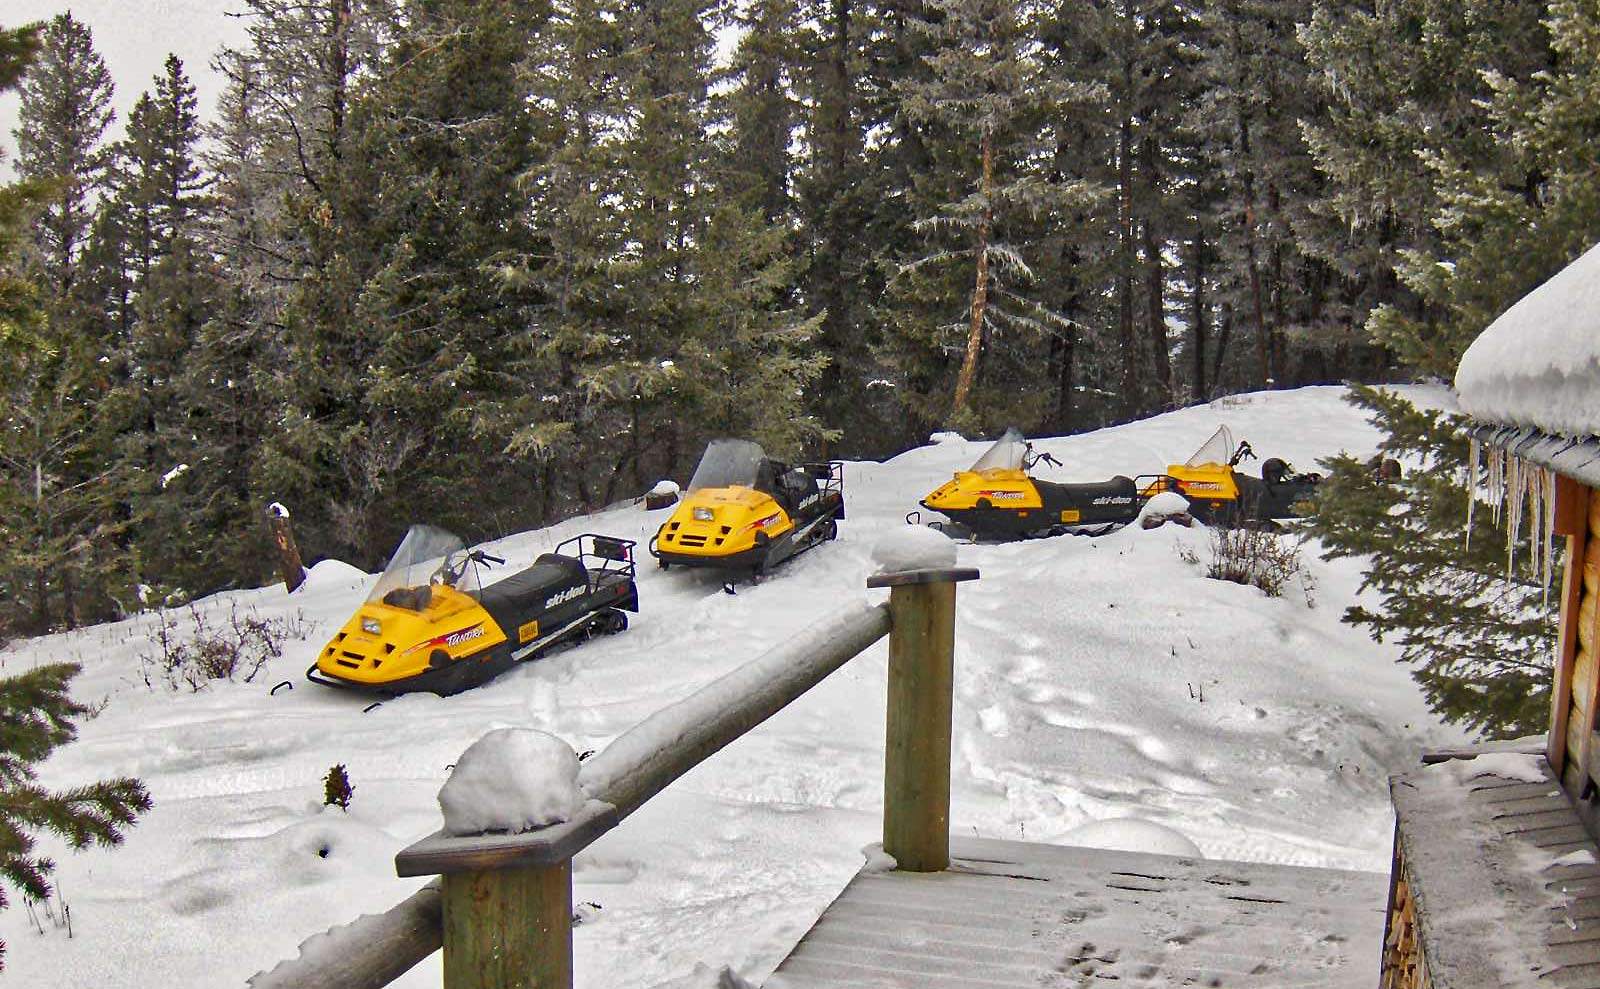 Mit dem Ski-doo in Kanada